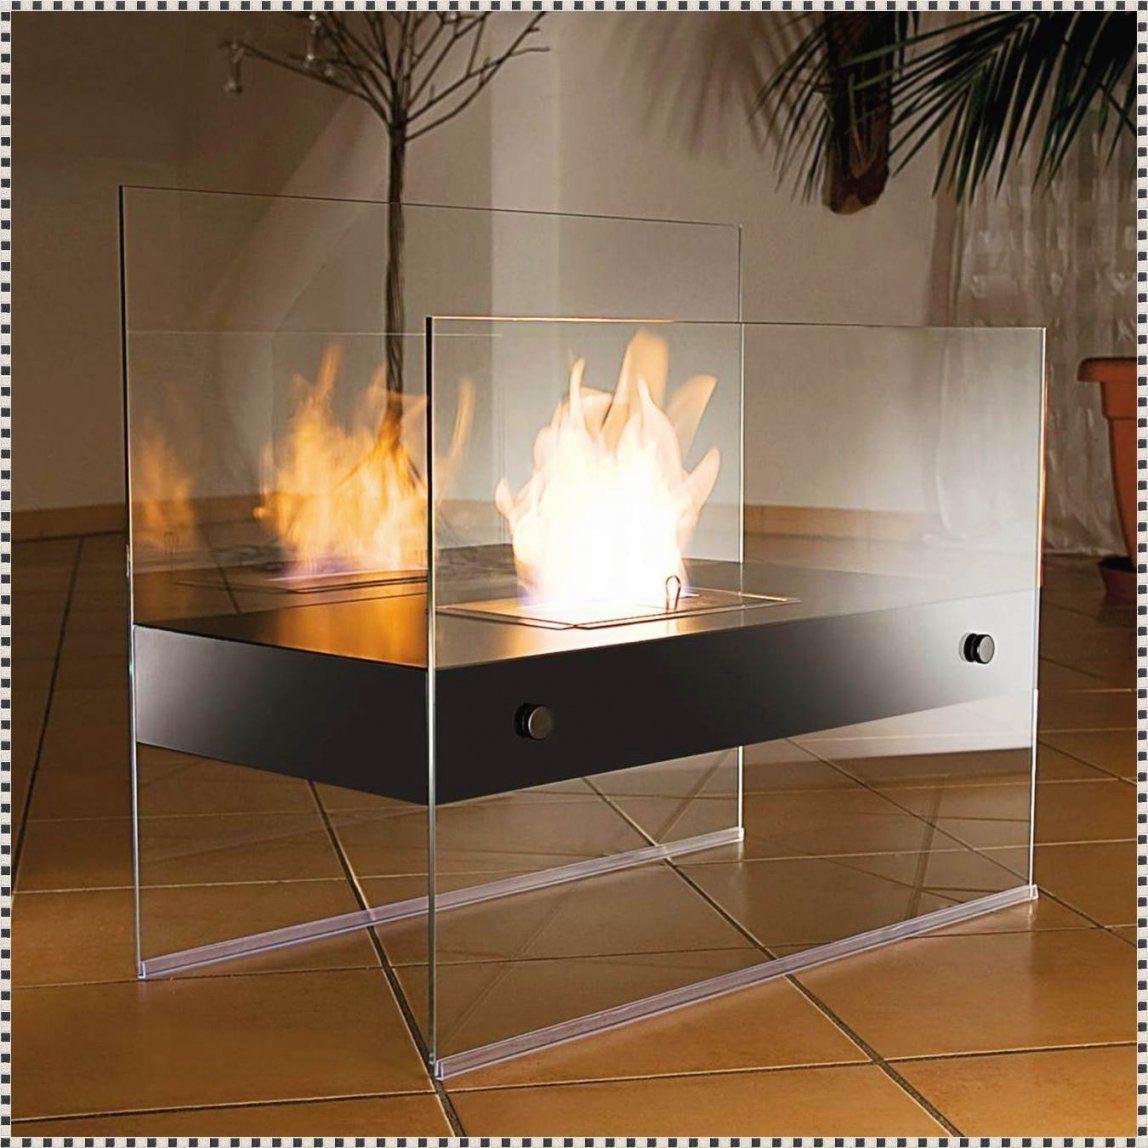 Kamin Ohne Echtes Feuer  Ideen Für Zuhause von Kamin Ohne Echtes Feuer Bild